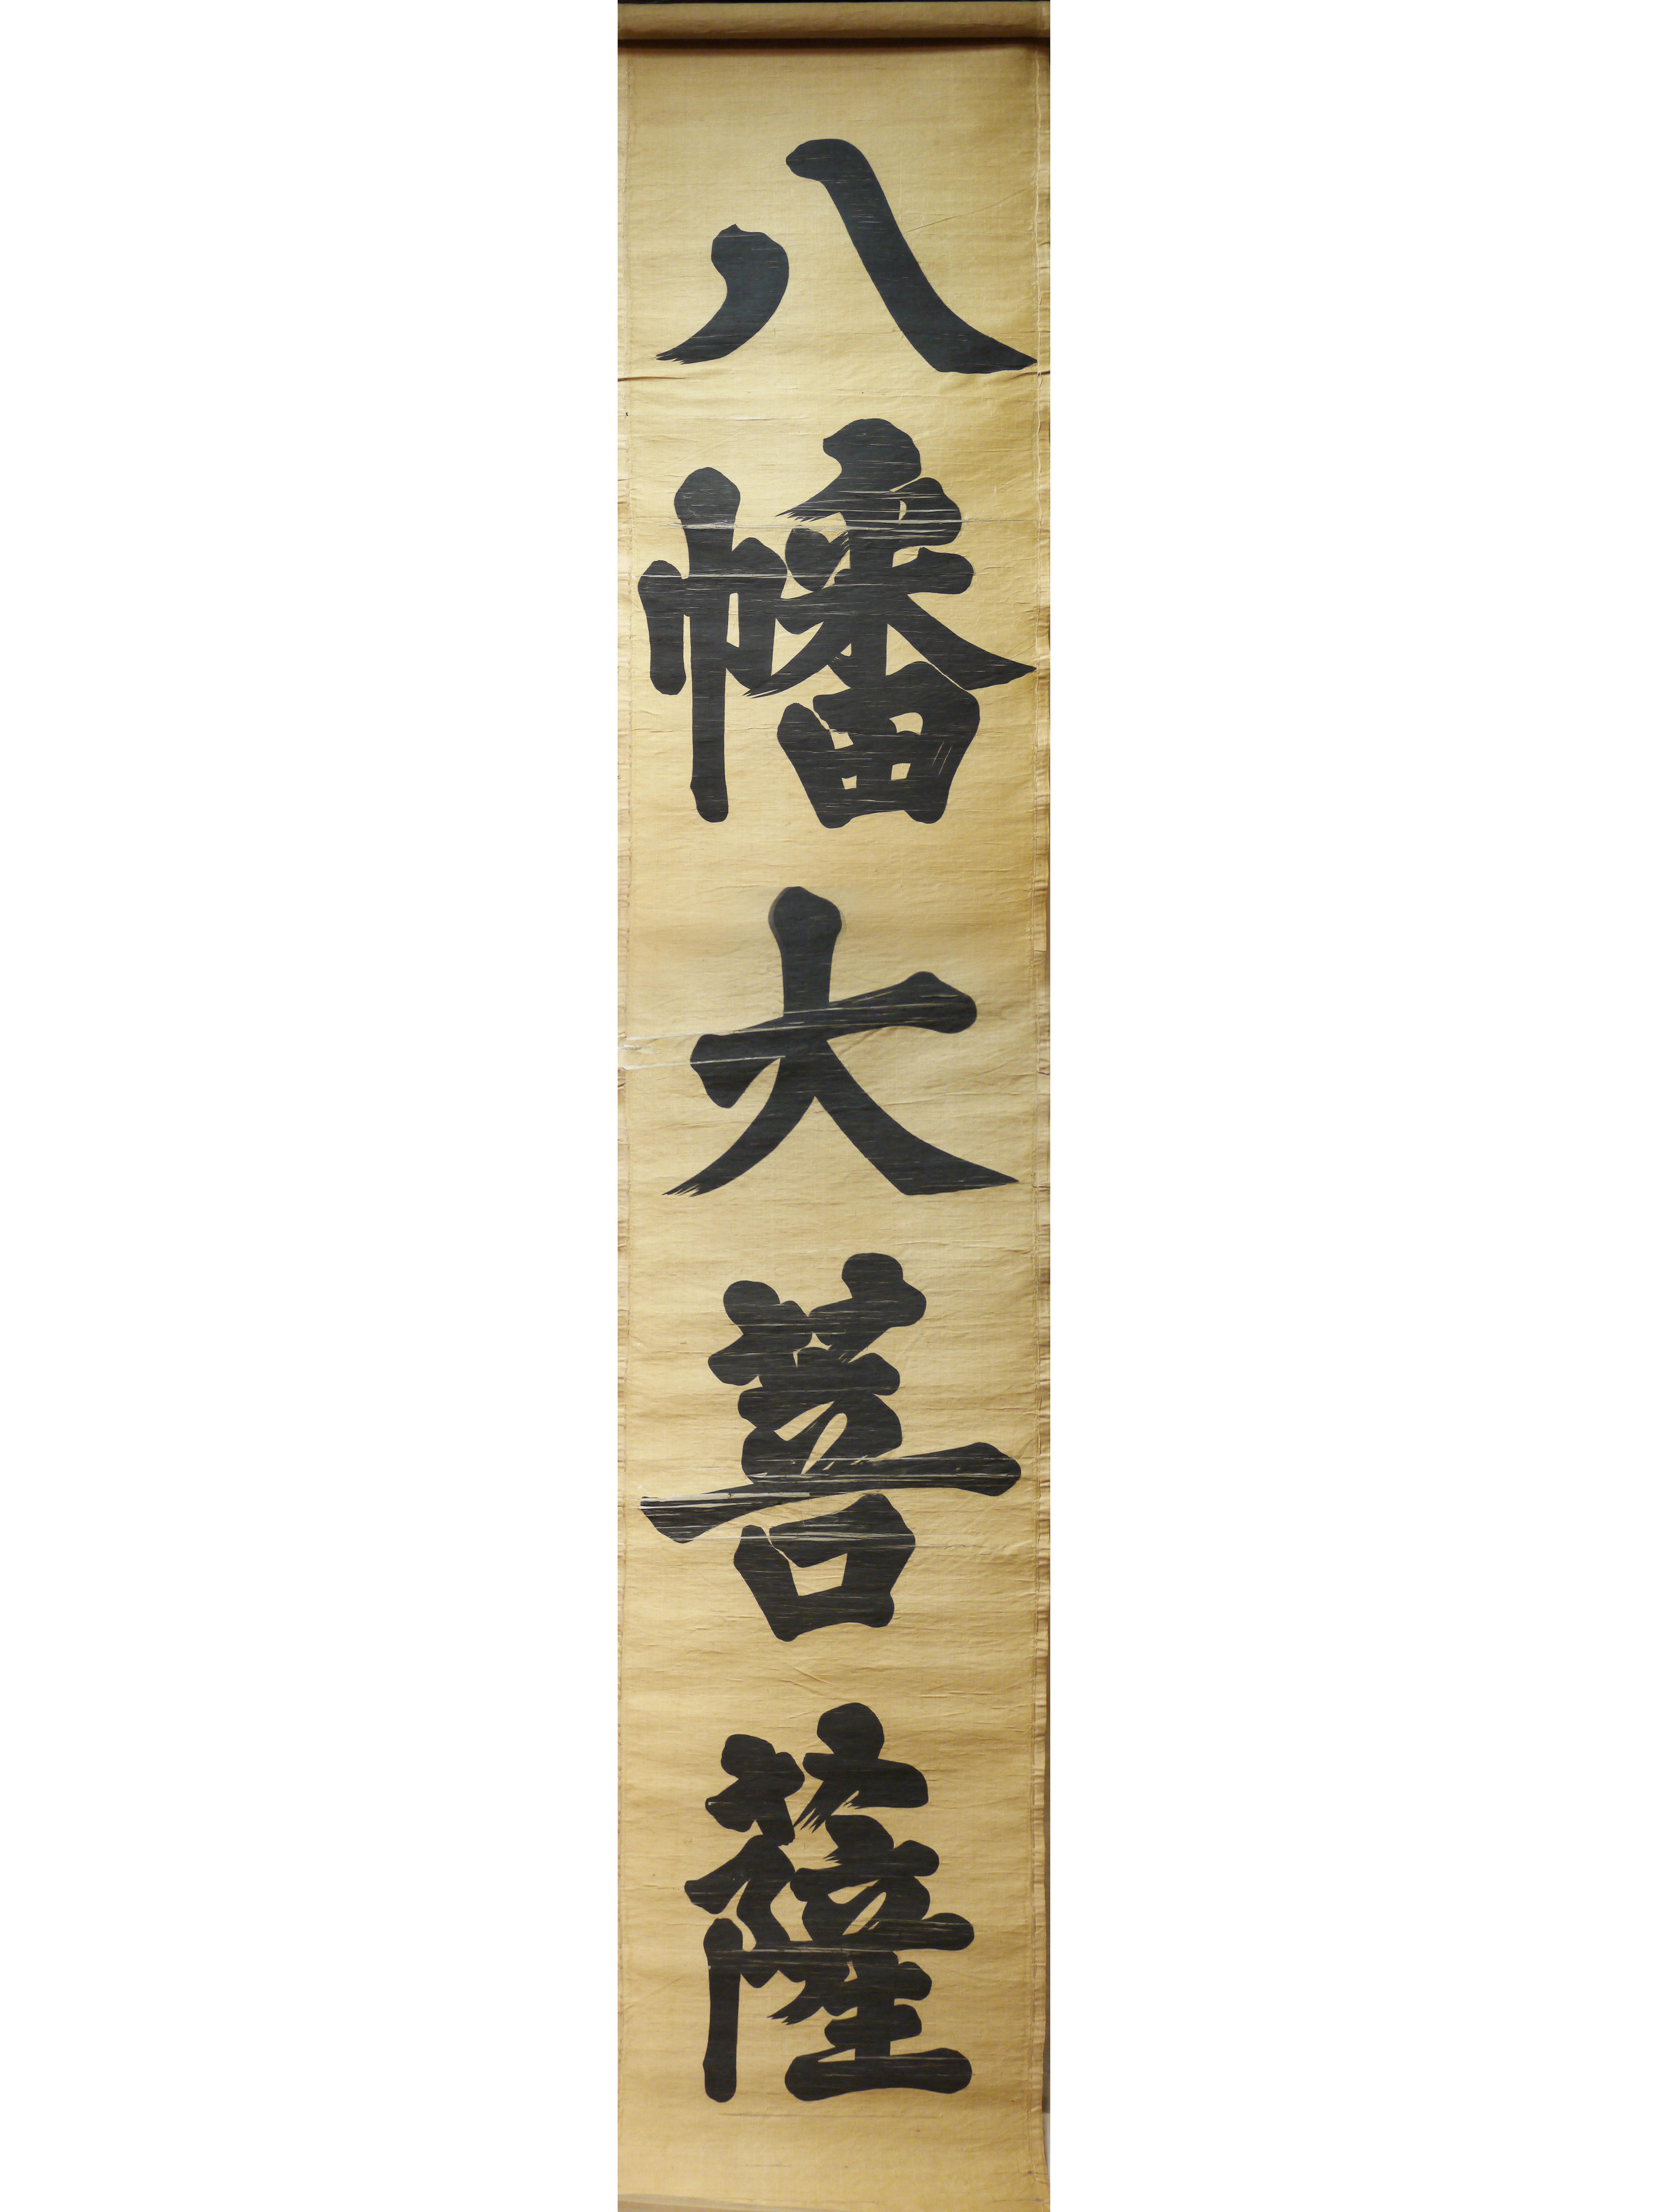 八幡大菩薩神号軍旗